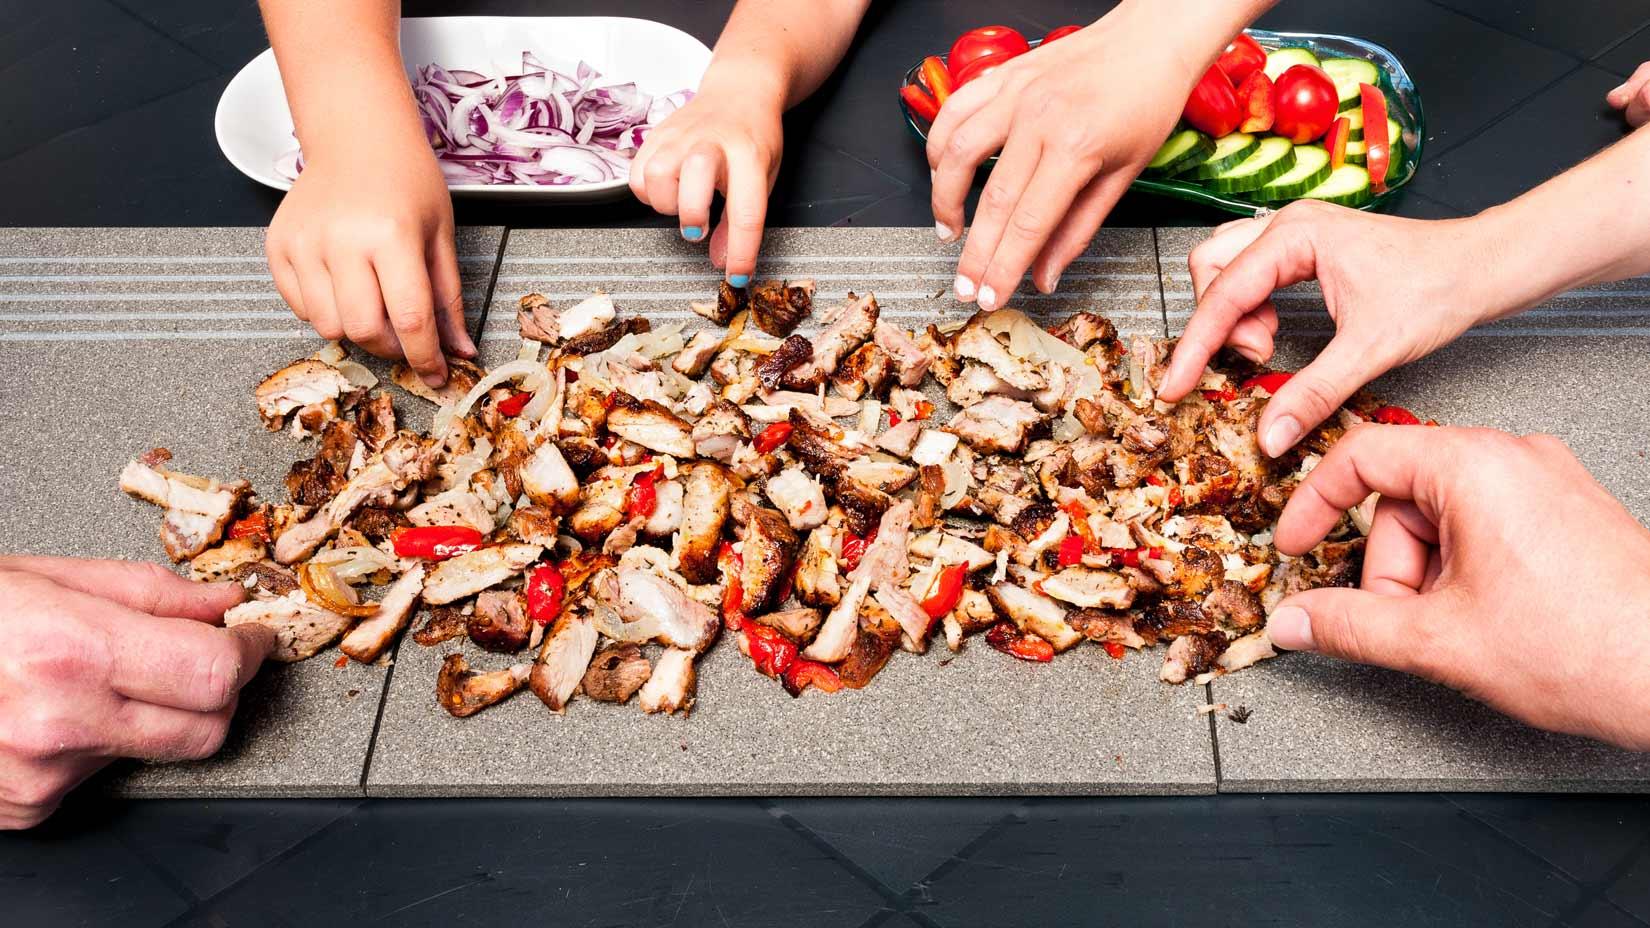 Kontosouvli - to je především příležitost ke společenským setkáním nad báječným řeckým jídlem. Dobrou zábavu!